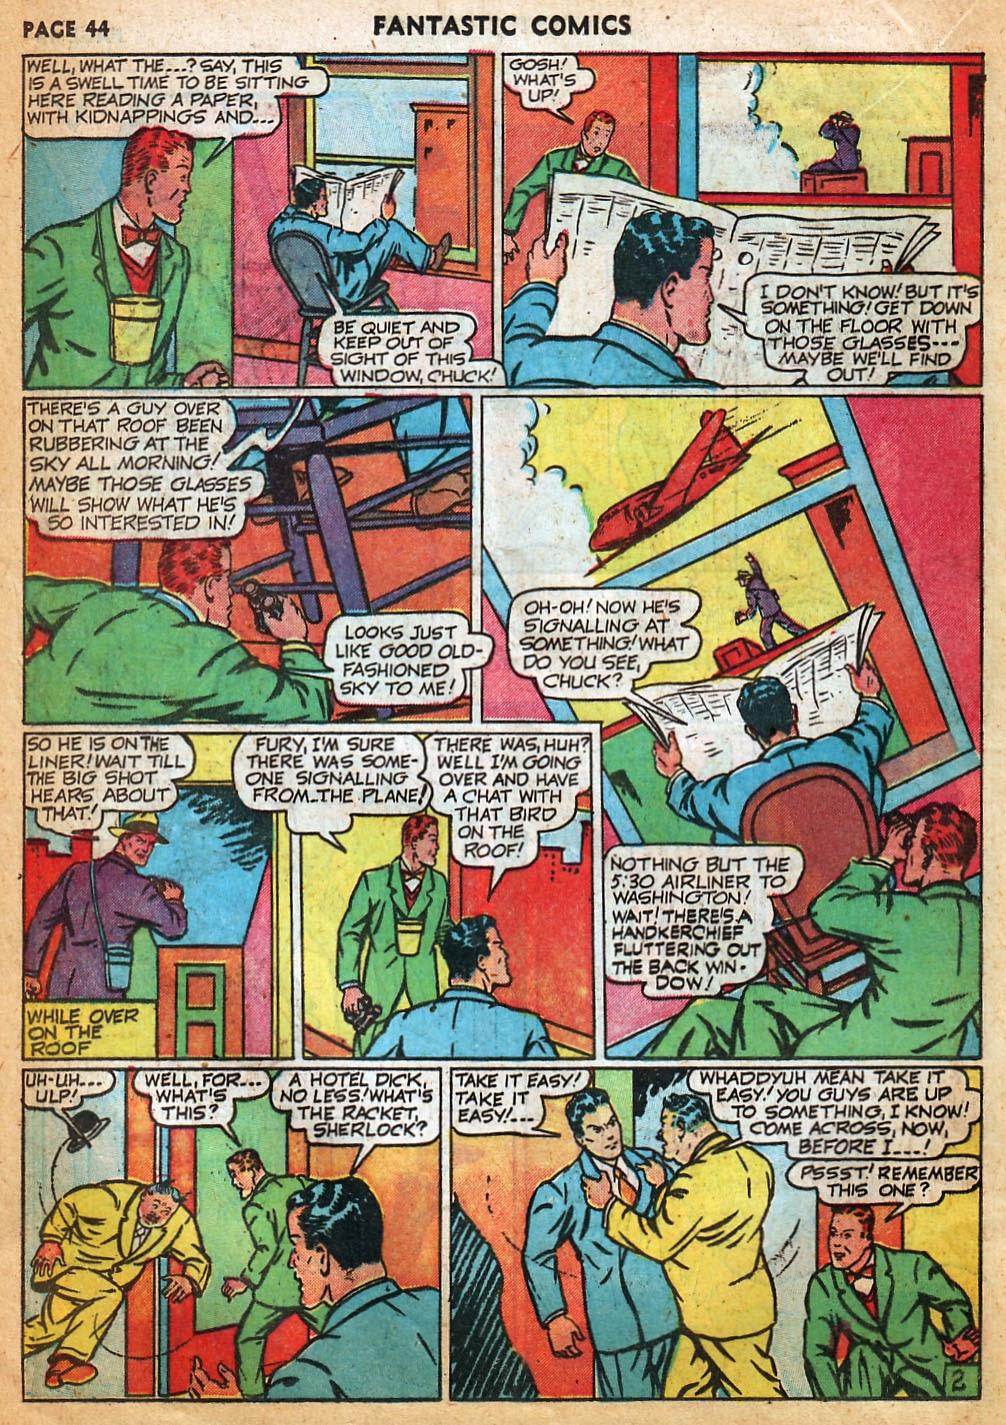 Read online Fantastic Comics comic -  Issue #22 - 45